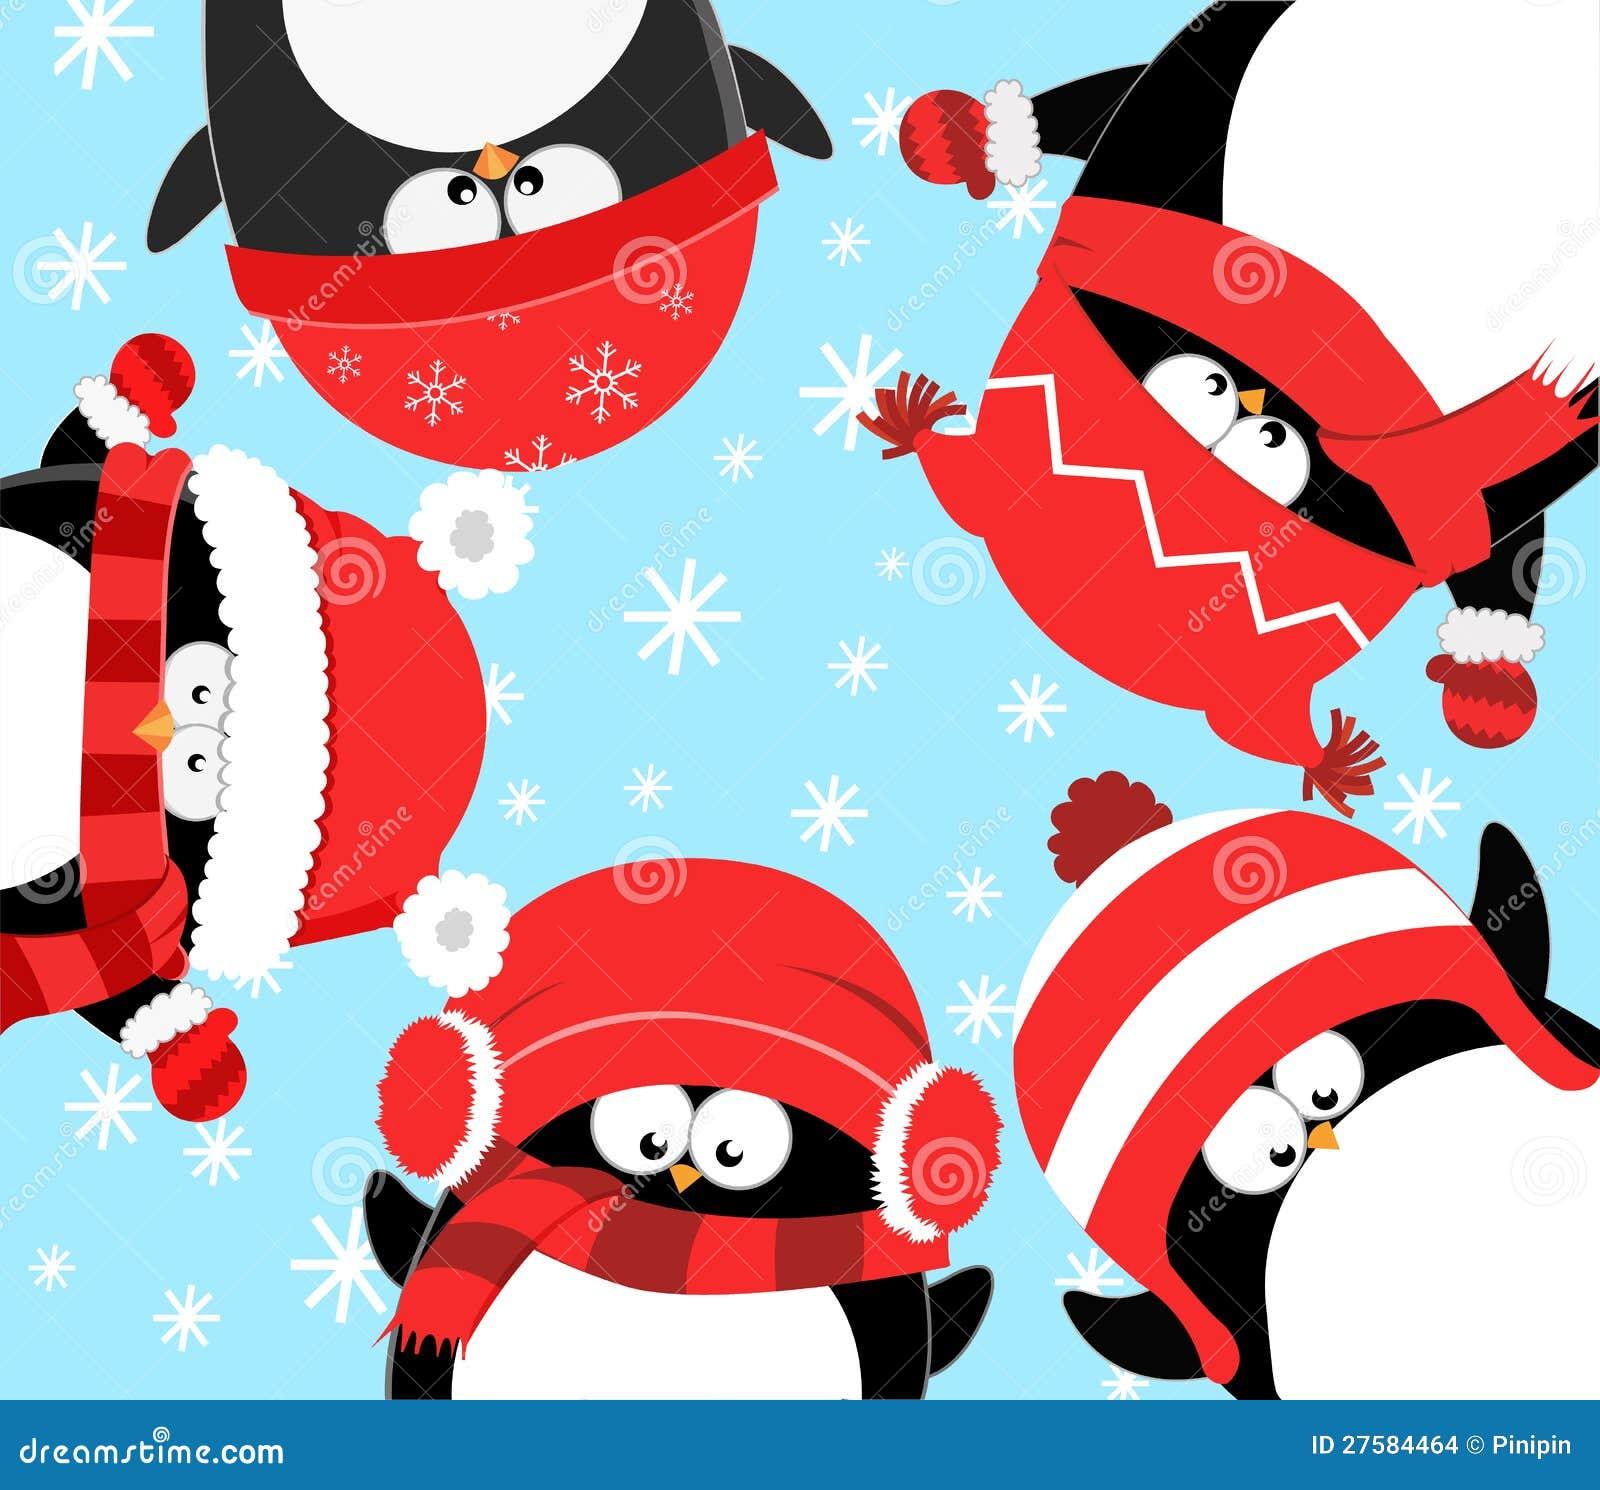 pinguine die weihnachten feiern stockbilder bild 27584464. Black Bedroom Furniture Sets. Home Design Ideas